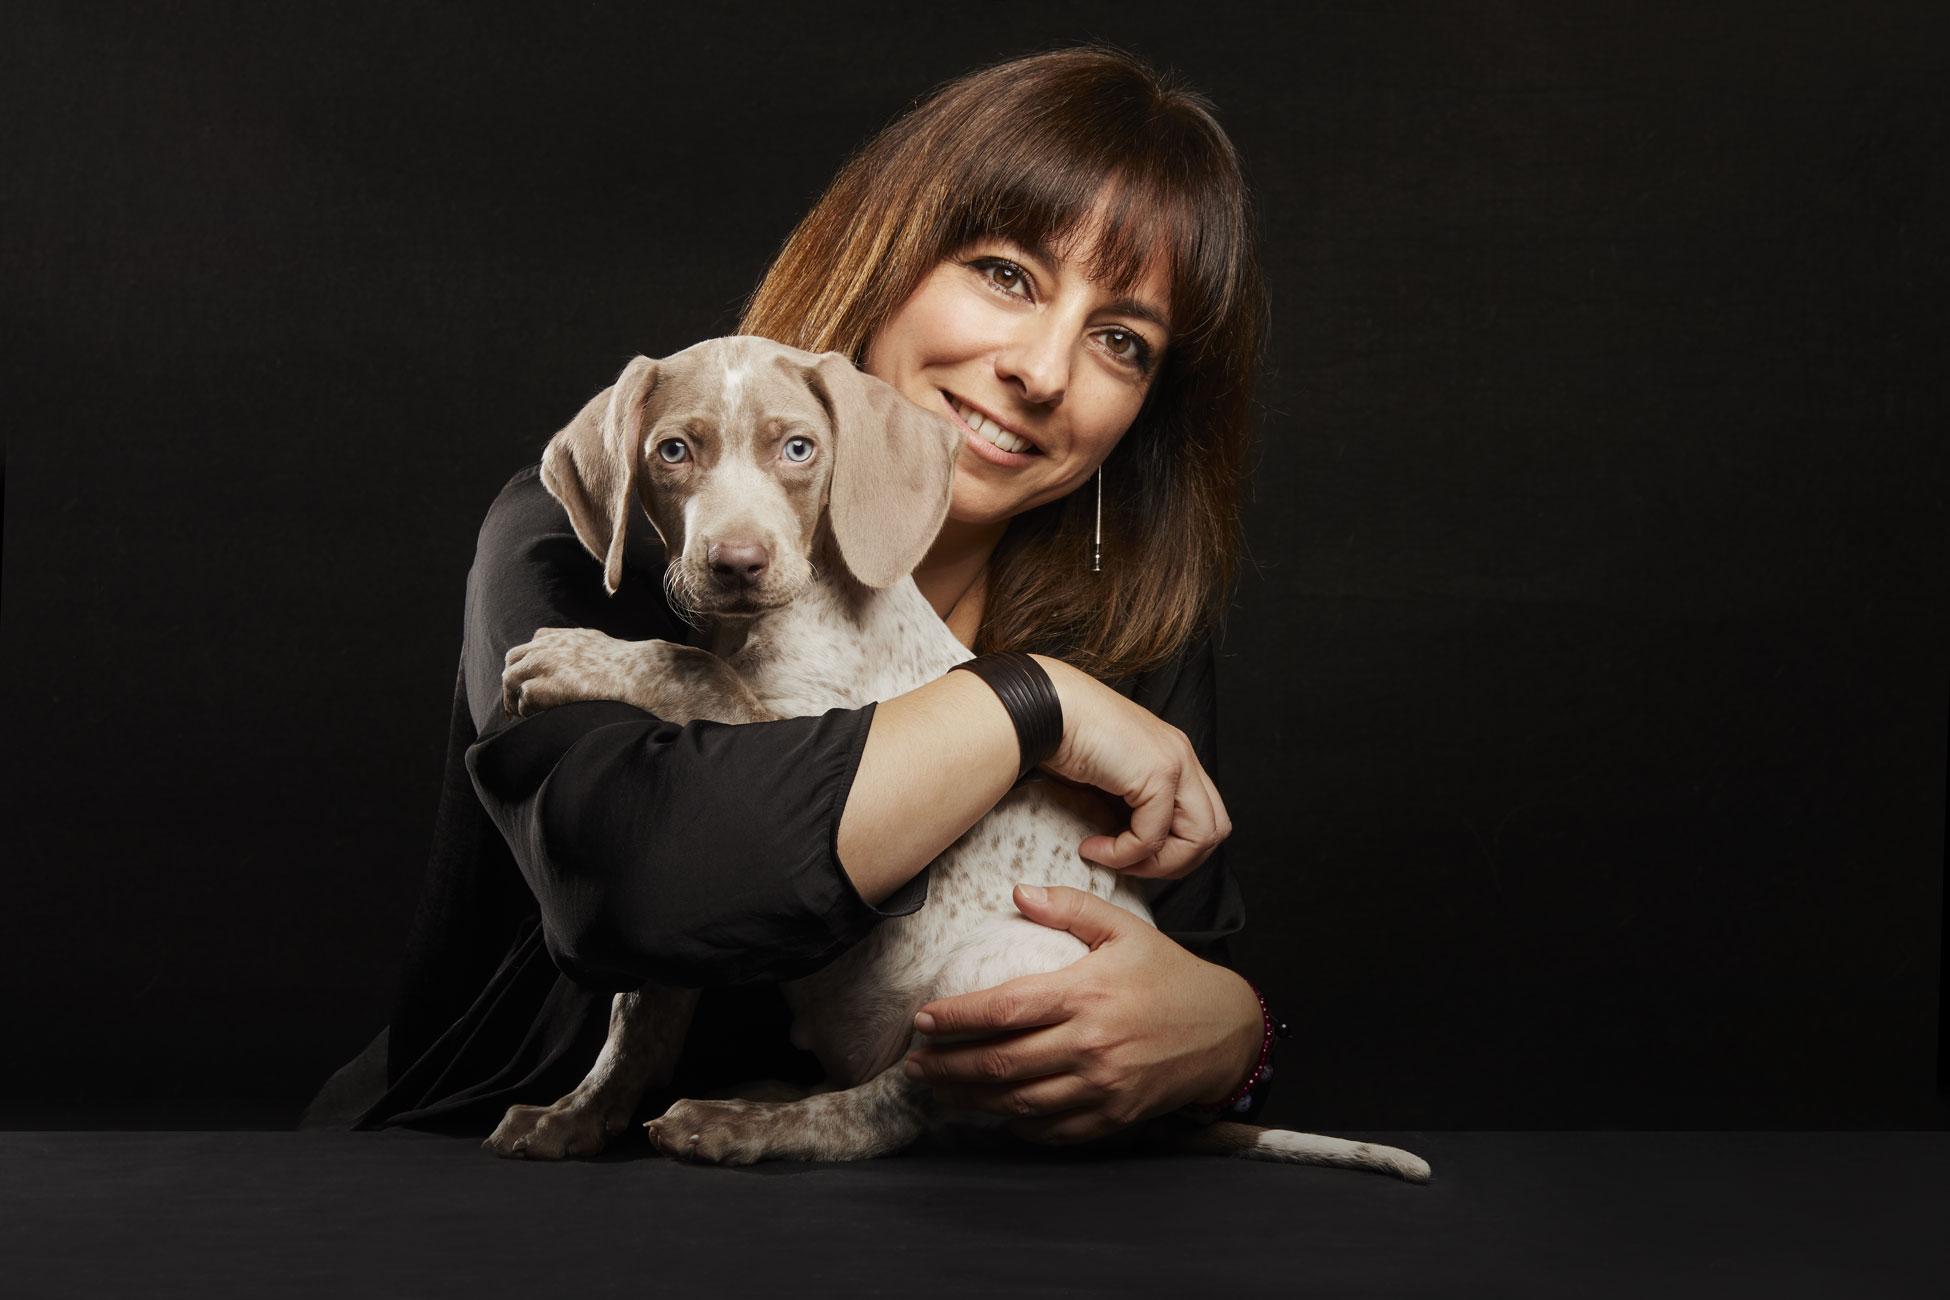 Cristiana-Martins-y-Jou-equipo-de-terapias-con-animales